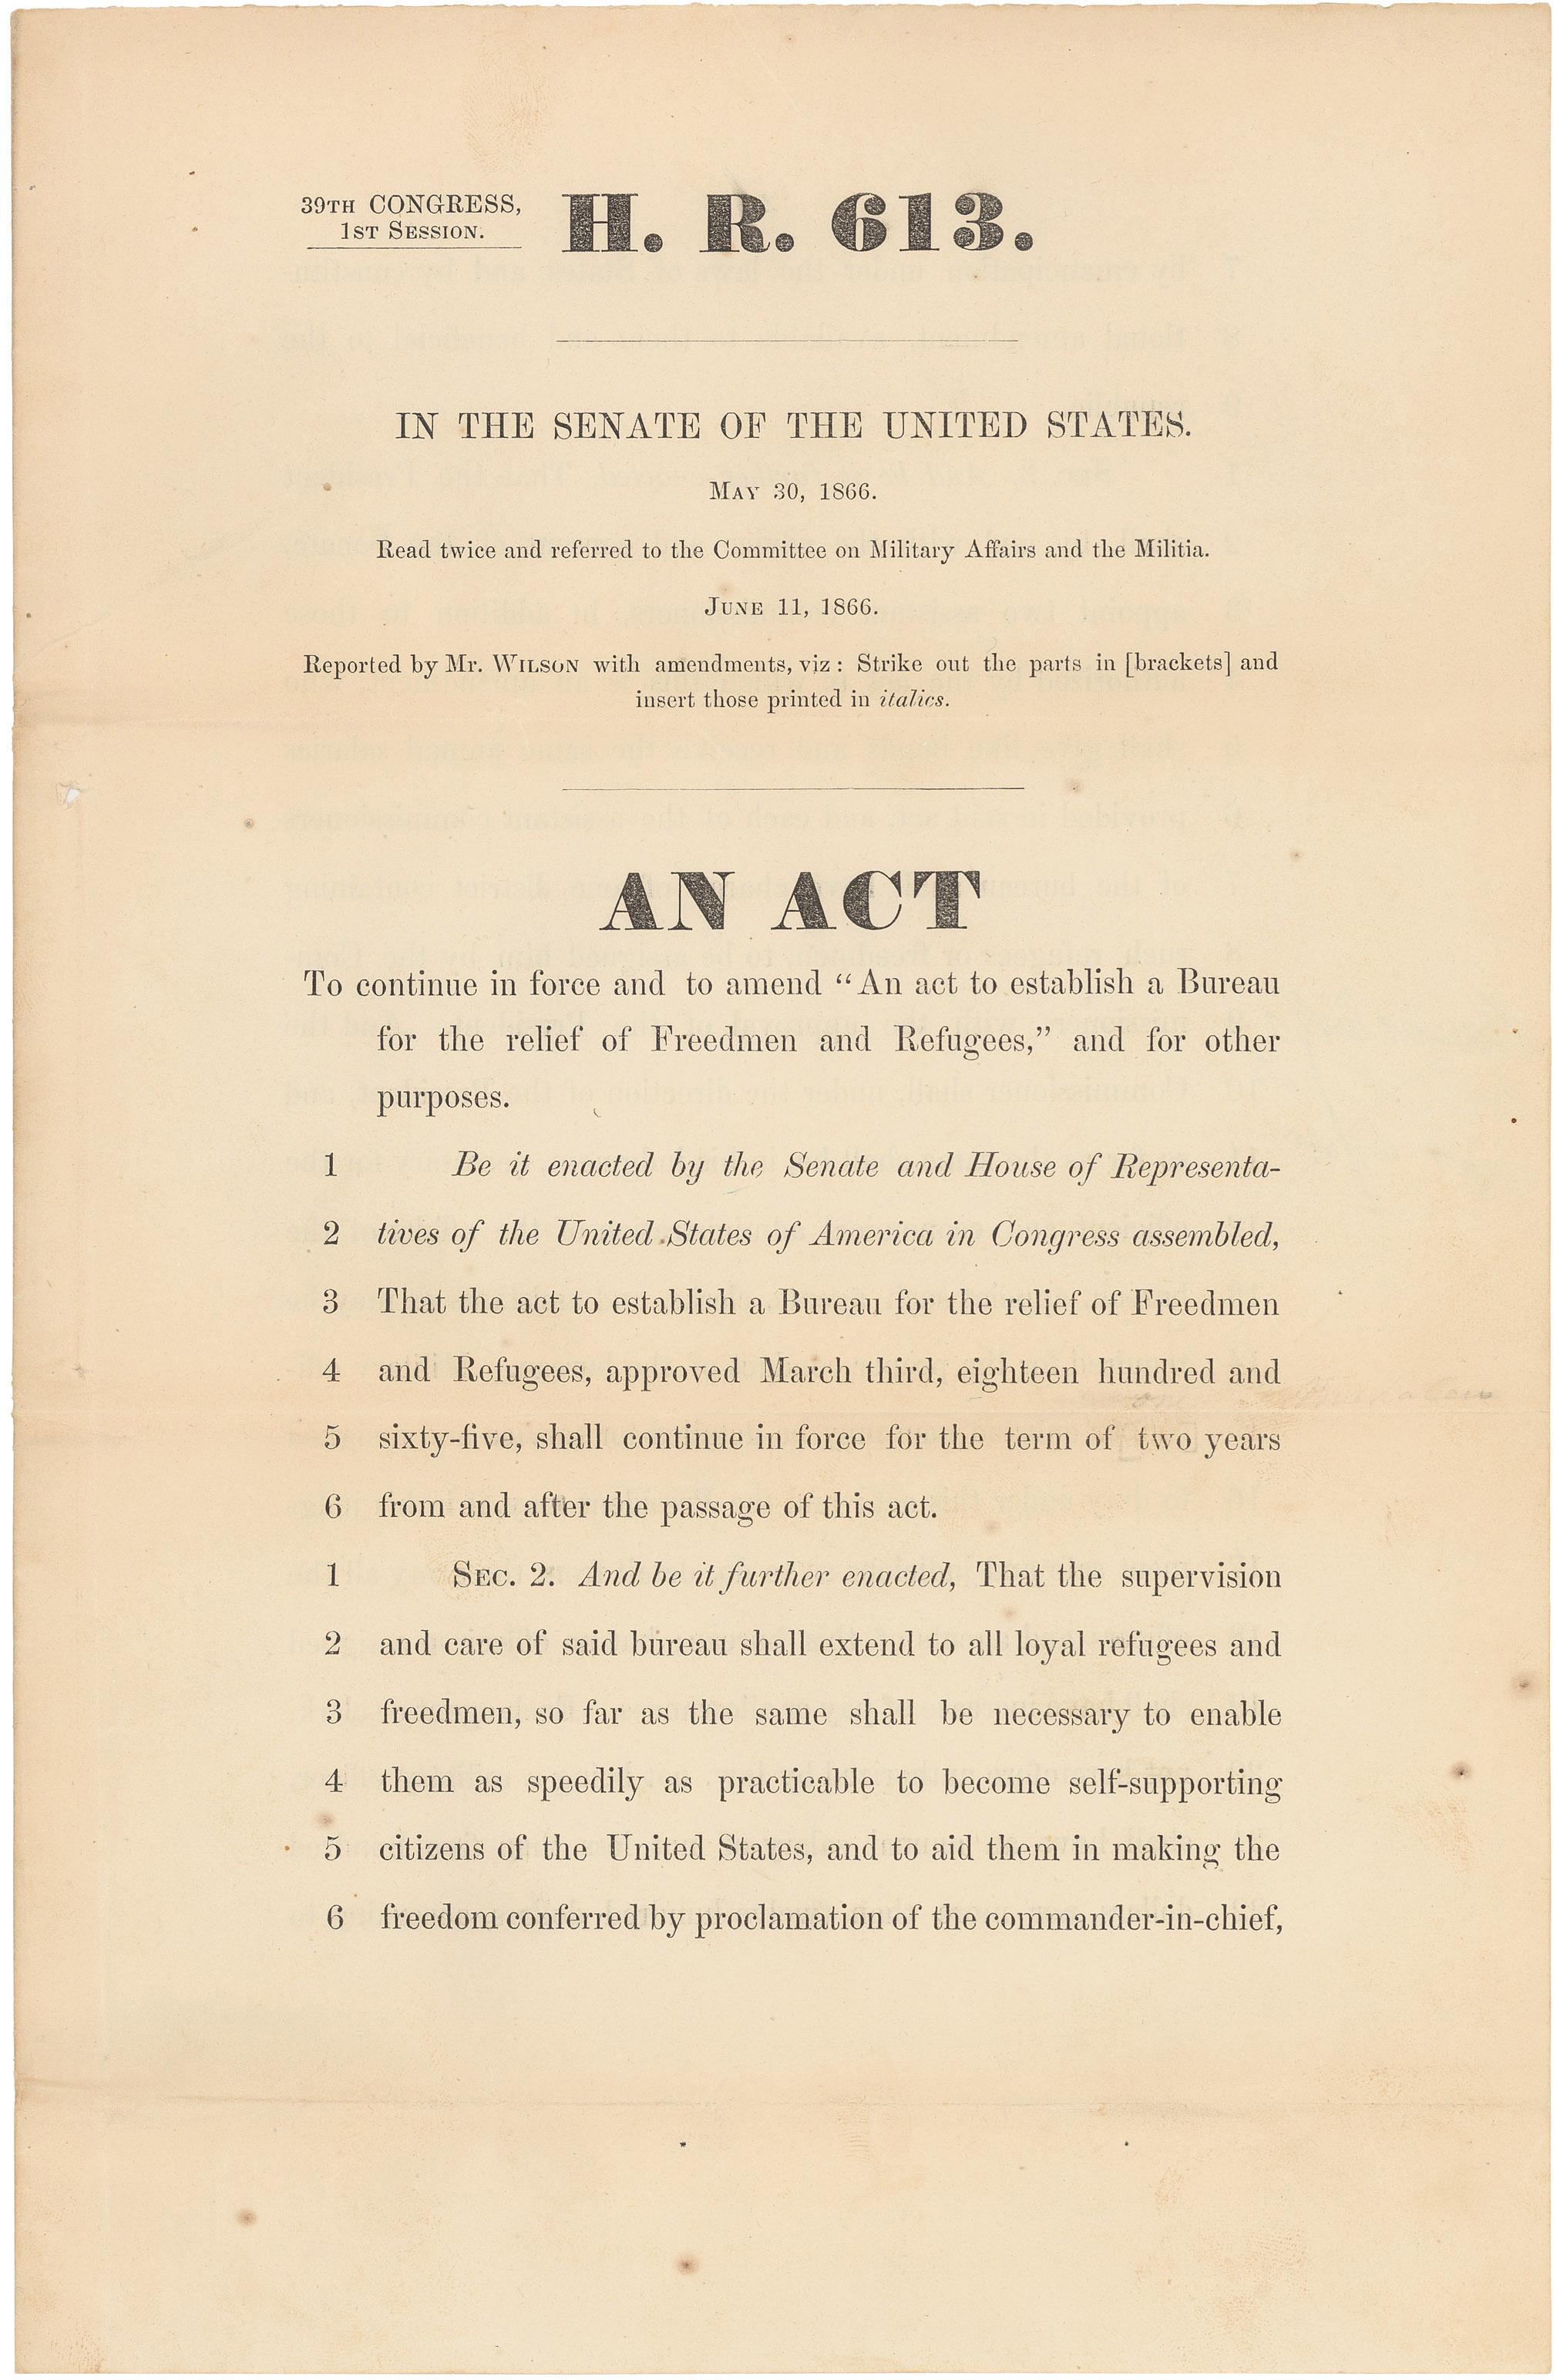 freedmens bureau act of 1865 essay